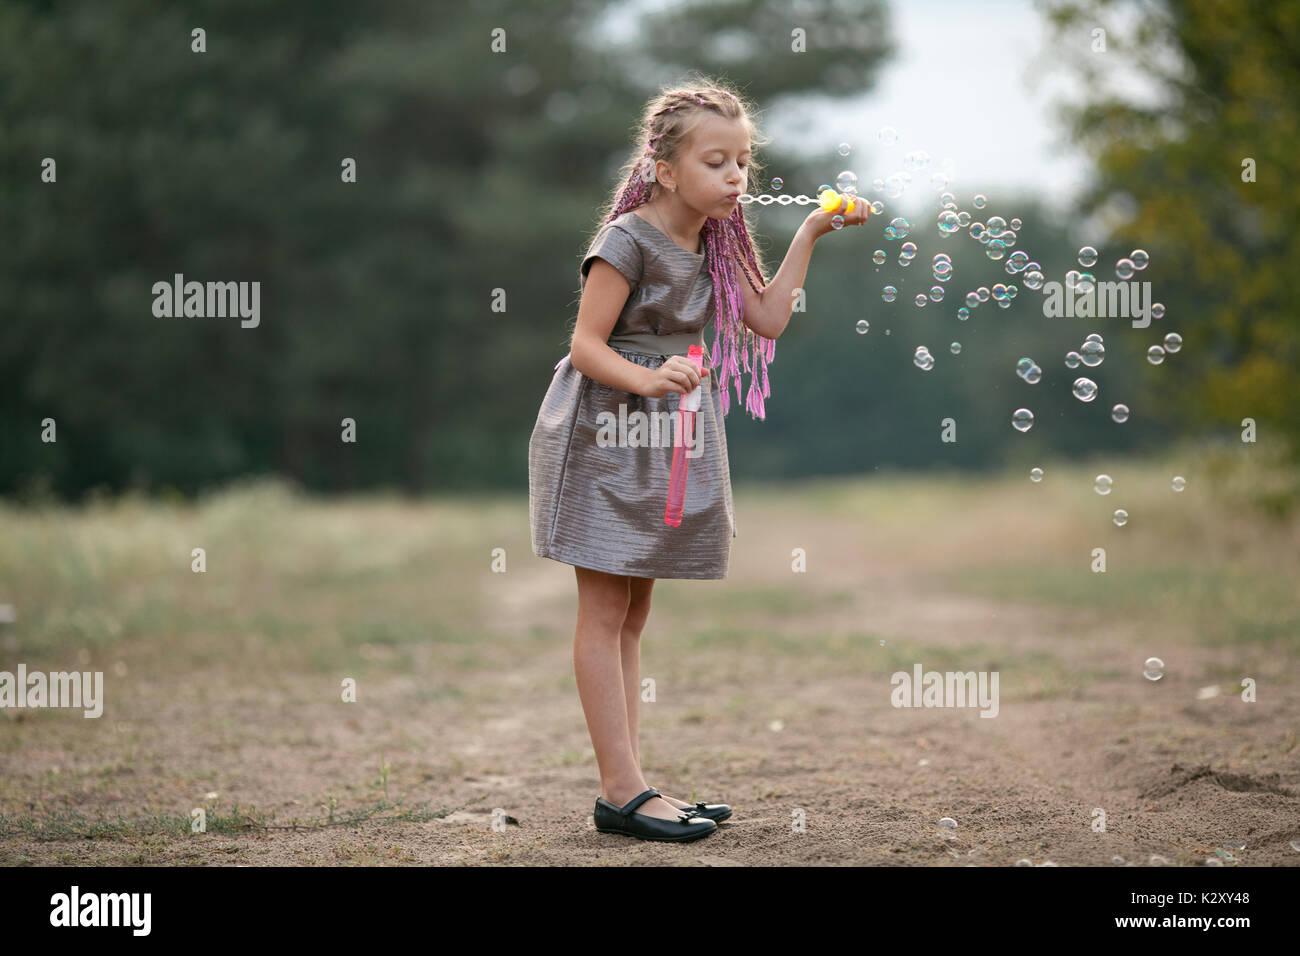 Glückliches Kind Mädchen mit Zöpfen bläst Seifenblasen auf Spaziergang im Park. Stockbild